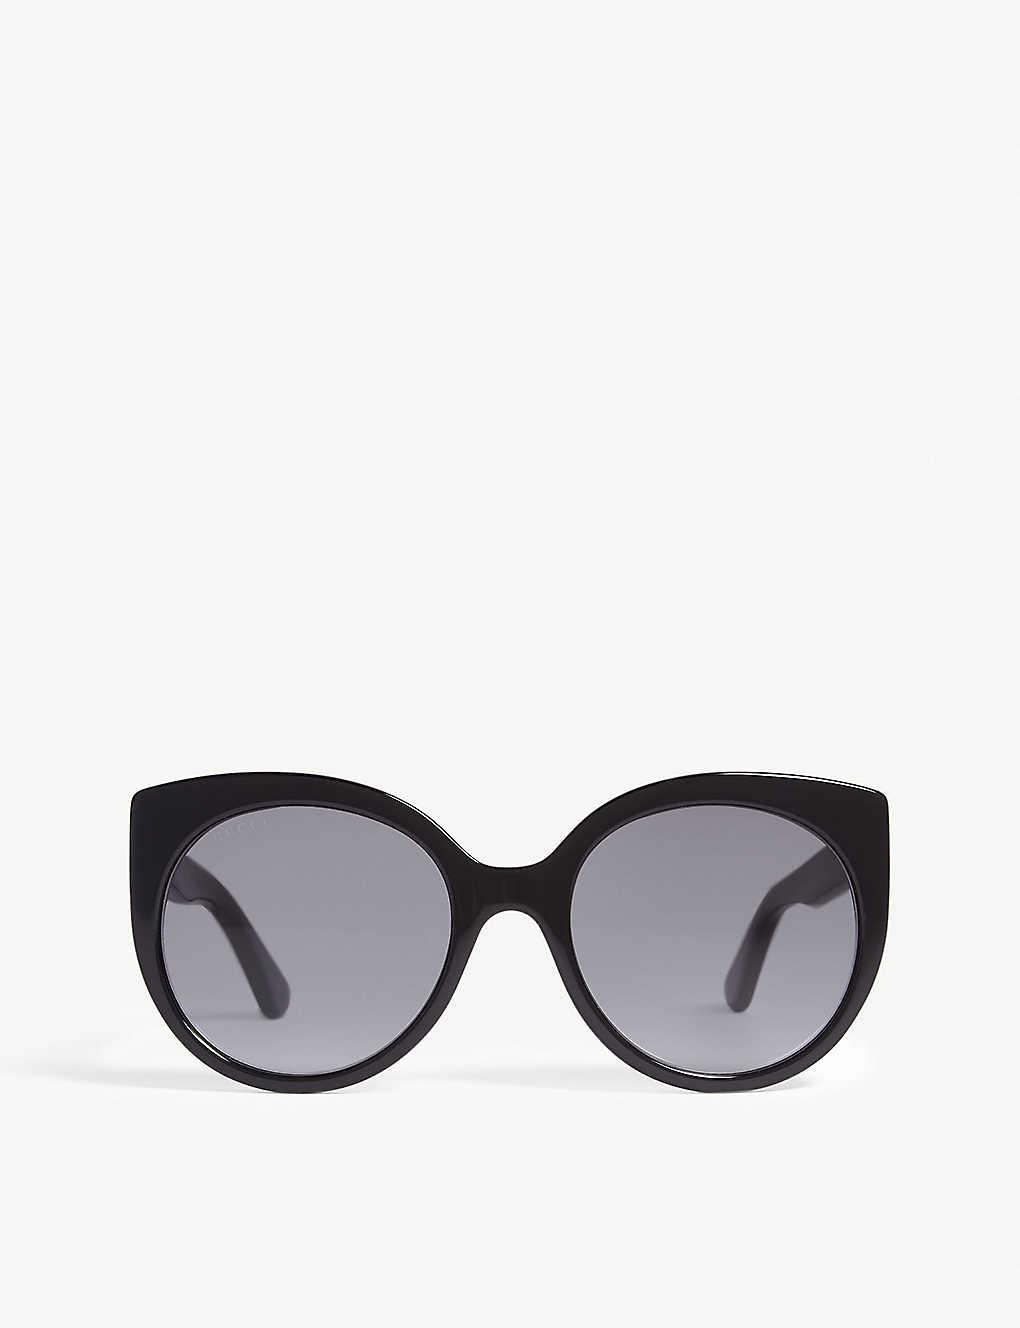 35b9352ba1 Cat-eye sunglasses